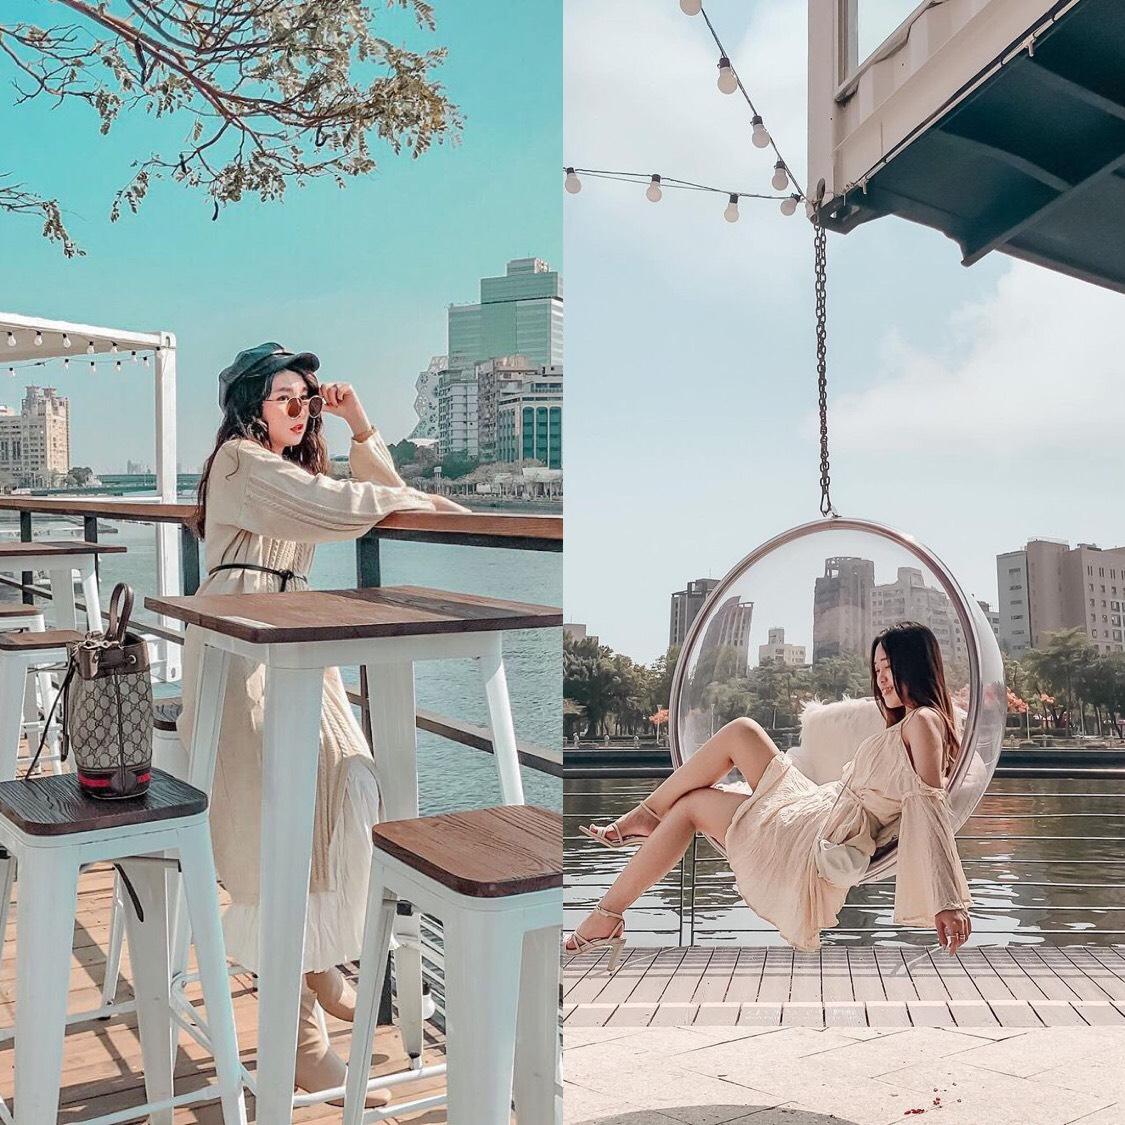 白色戀人貨櫃屋 | 愛河|情侶約會、IG打卡最新勝地,在河畔邊來一份浪漫的下午茶|料理菜單、交通、附近景點|高雄前金區